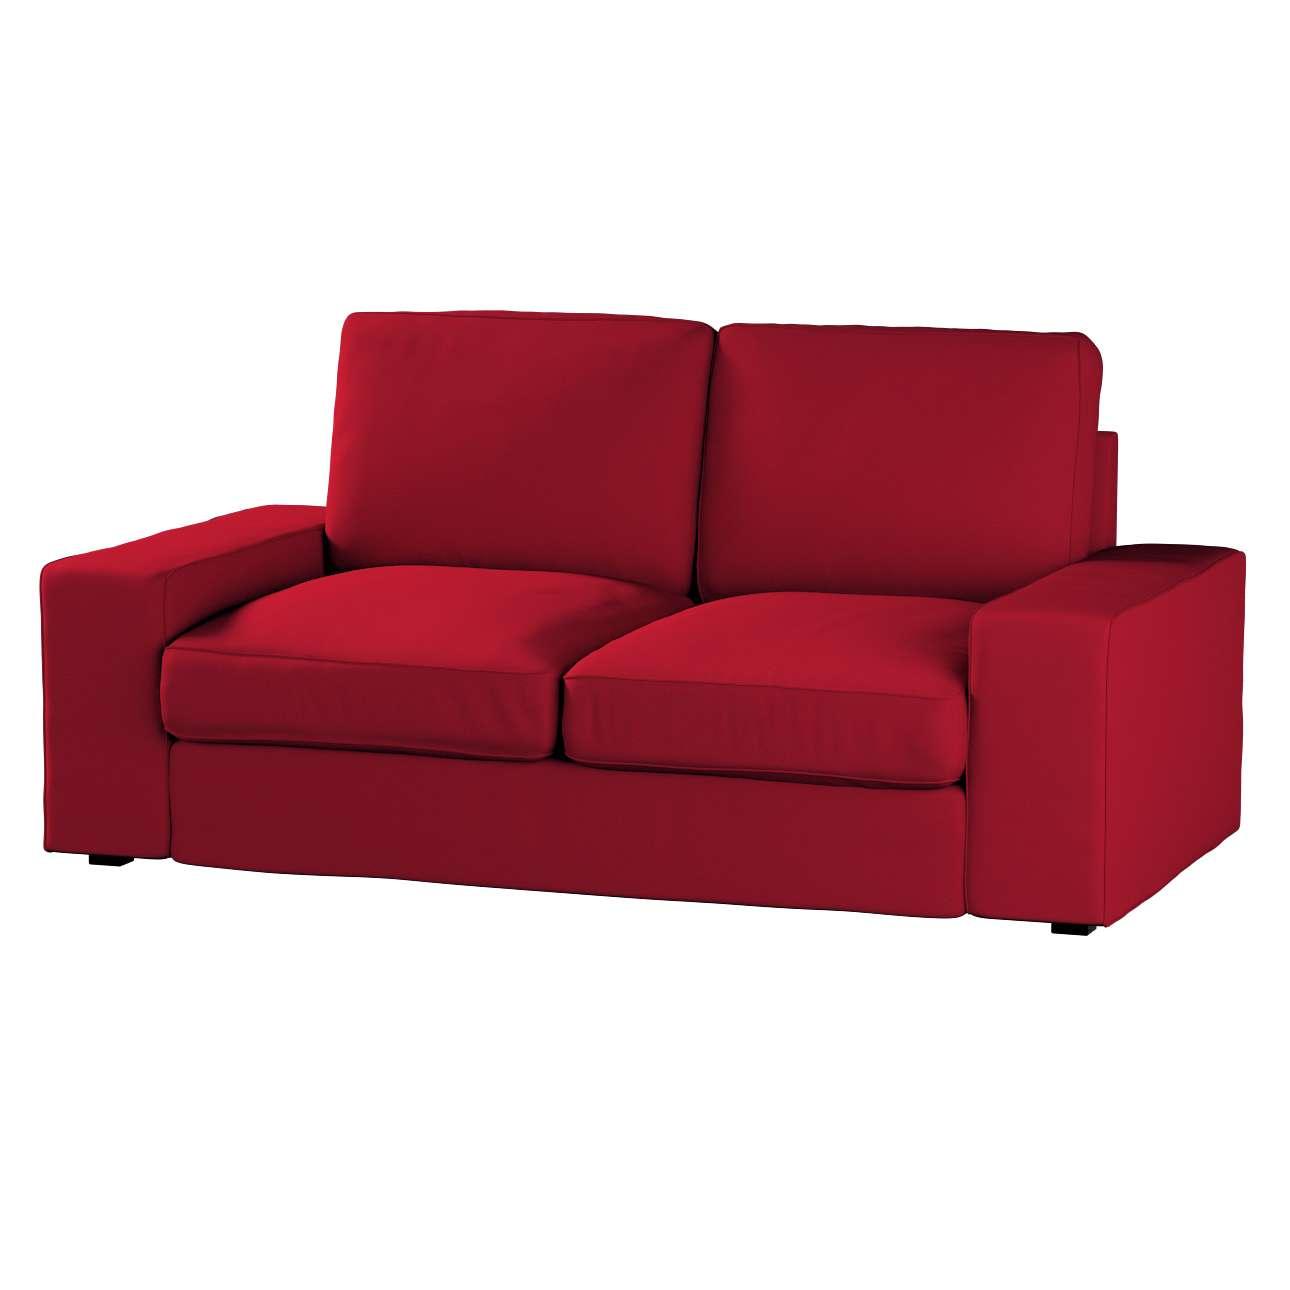 KIVIK dvivietės sofos užvalkalas Kivik 2-seat sofa kolekcijoje Etna , audinys: 705-60